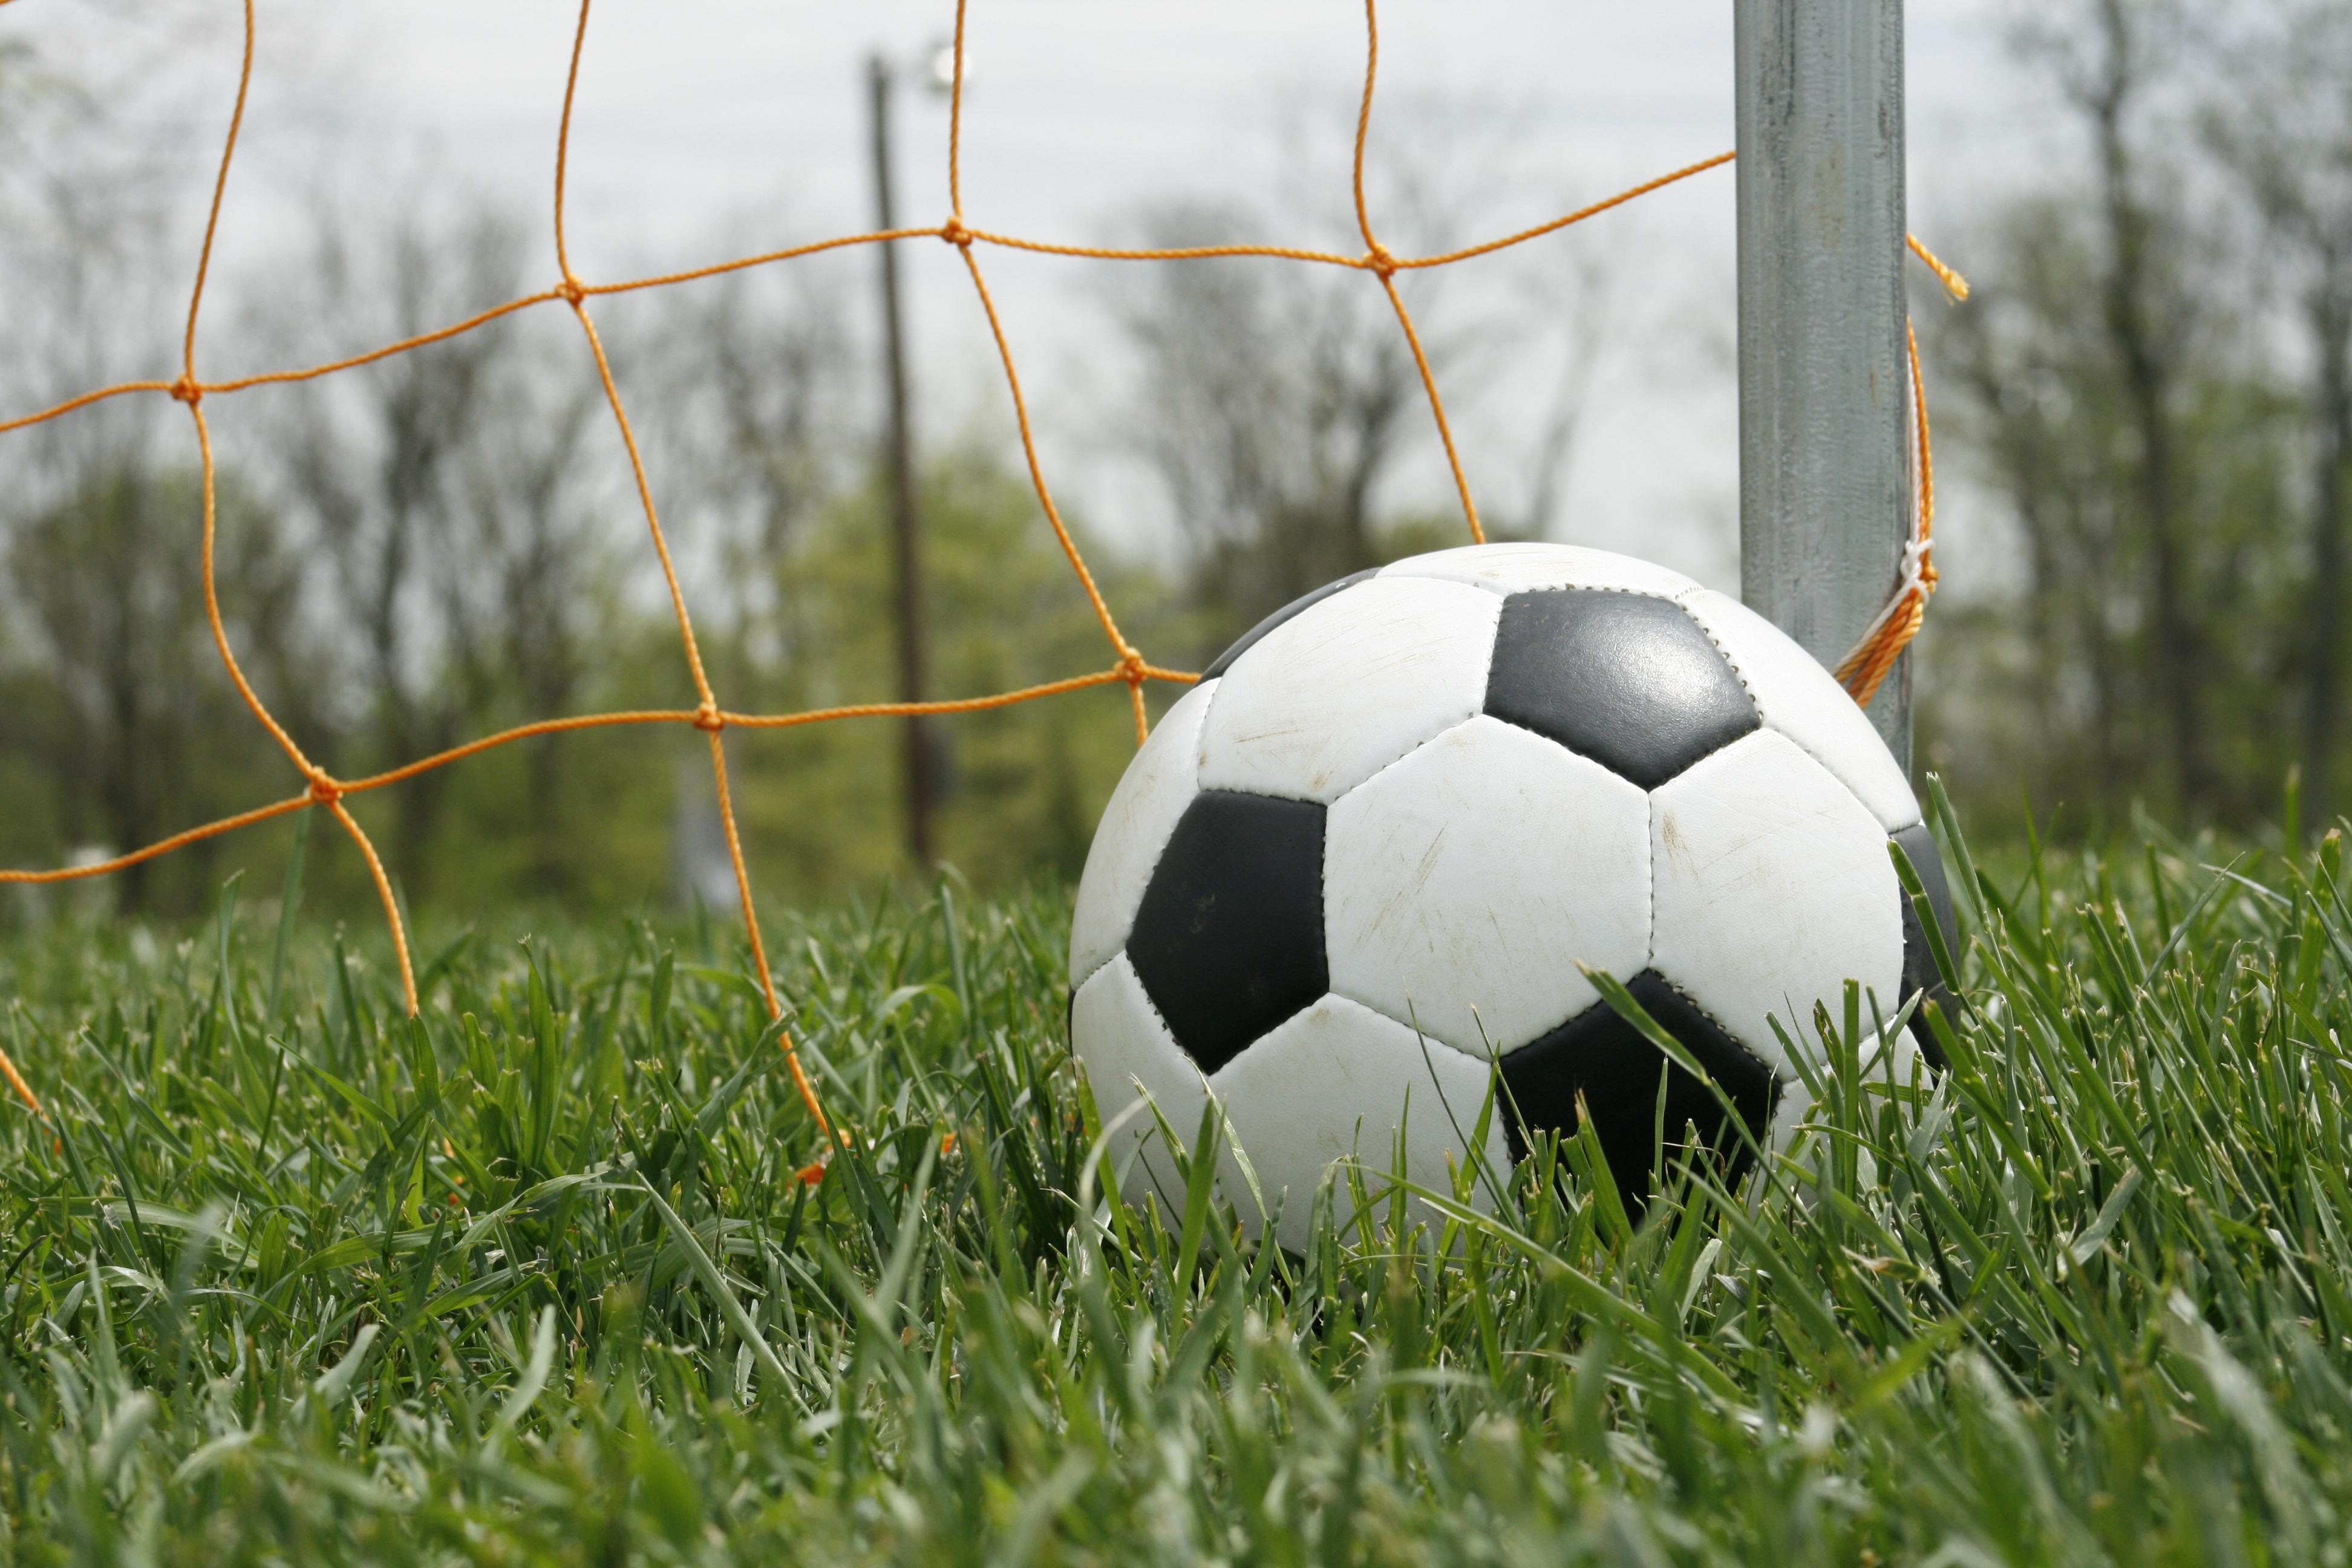 Мяч в сетке  № 1365517 без смс